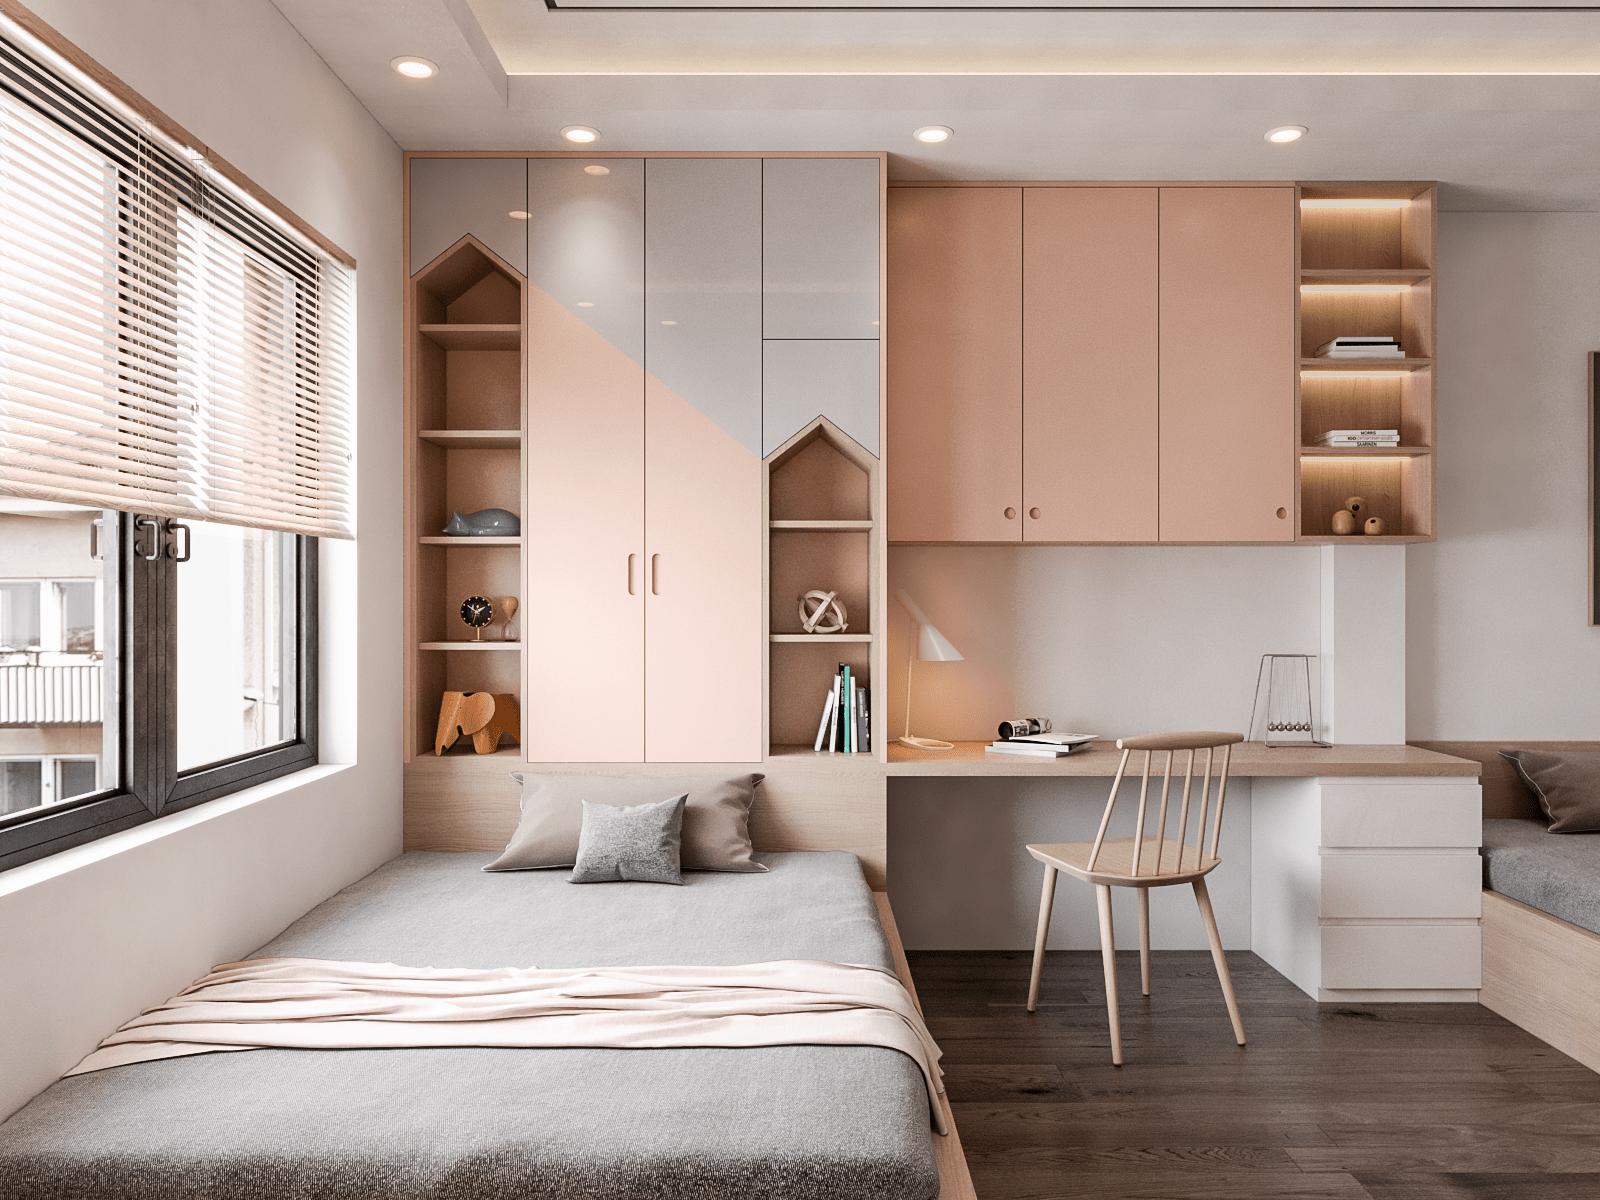 Tư vấn thiết kế nhà cấp 4 mái bằng 150m² chi phí 200 triệu - Ảnh 10.